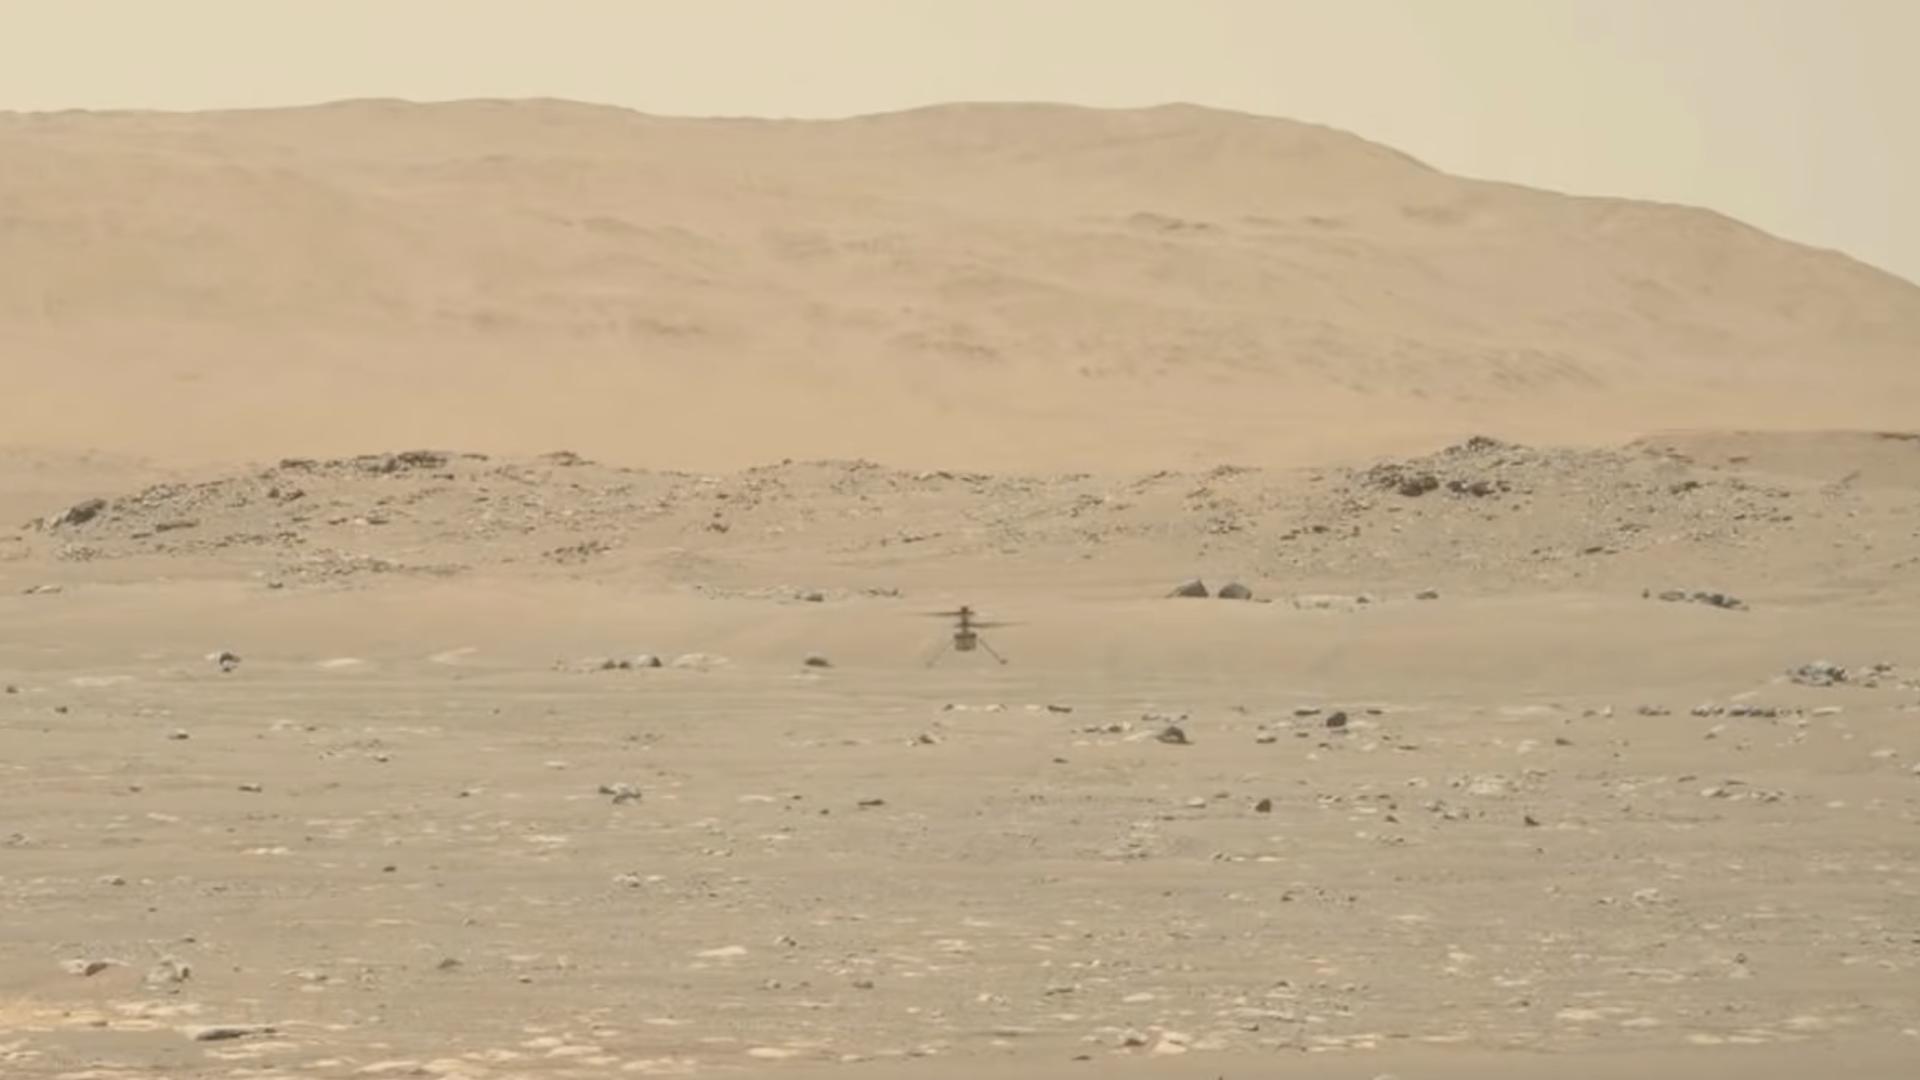 El video que muestra al helicóptero Ingenuity volar en Marte